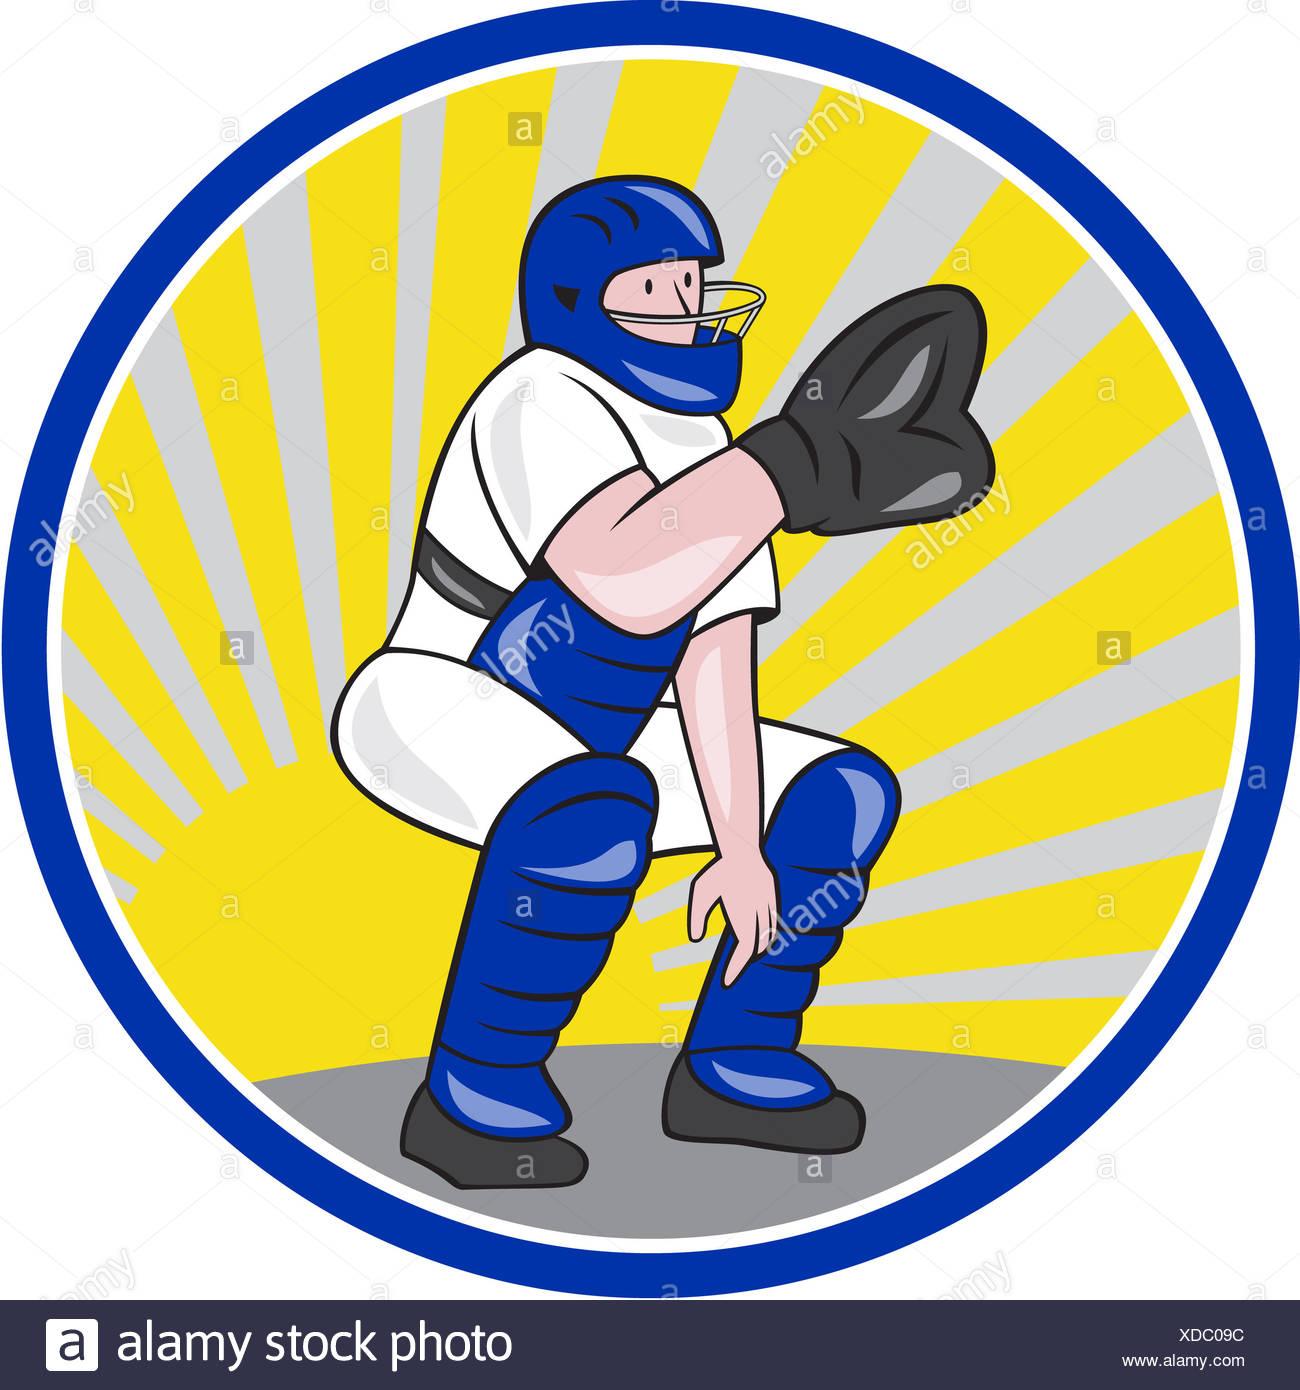 1300x1390 Baseball Catcher Catching Cartoon Stock Photos Amp Baseball Catcher